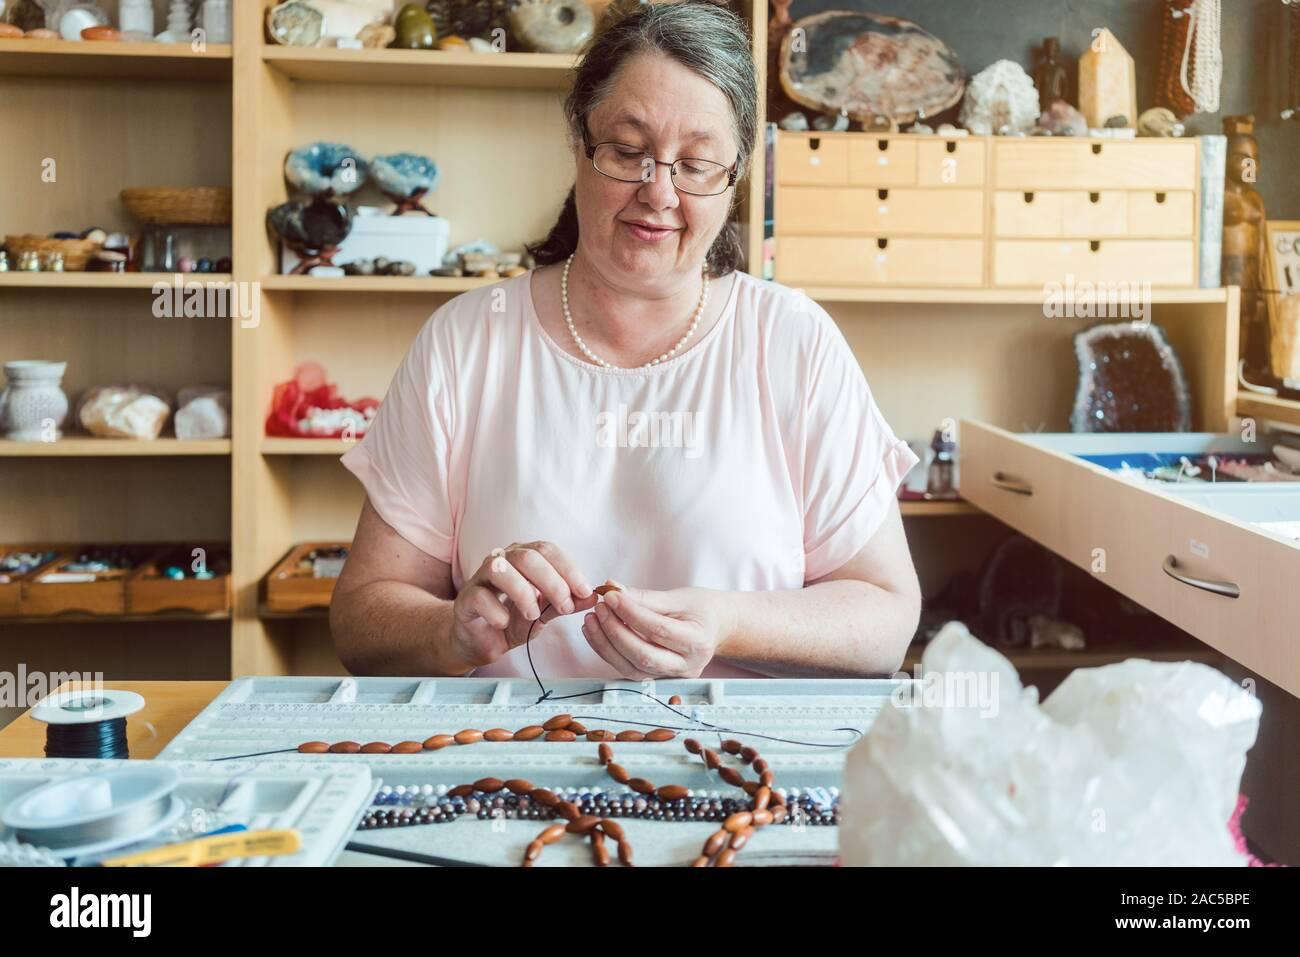 Frau arbeitet an einem Edelstein Halskette als Hobby Stockfoto